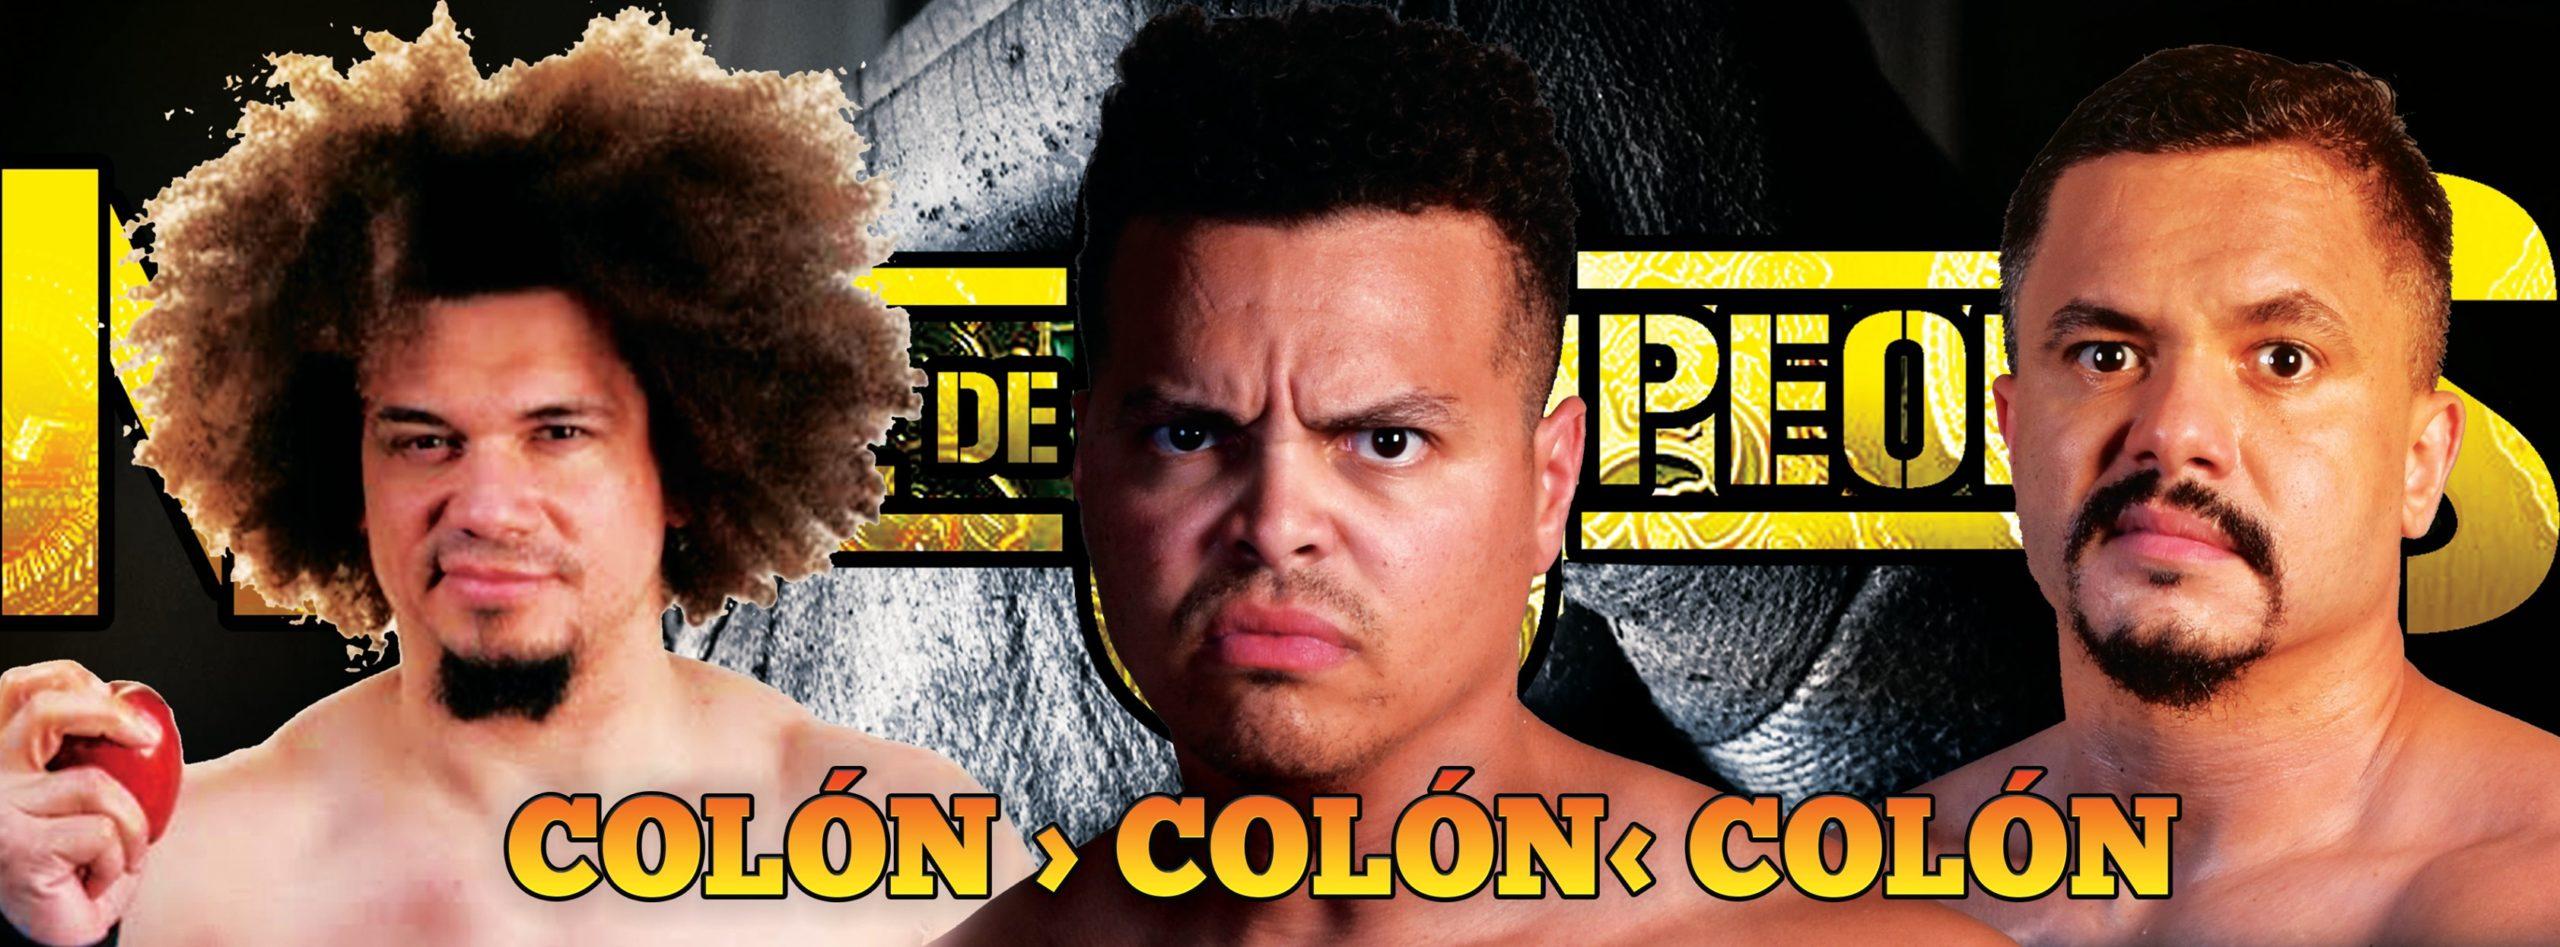 Noche de Campeones: Carlito Caribbean Cool vs Epico vs Primo por el Campeonato Universal 2